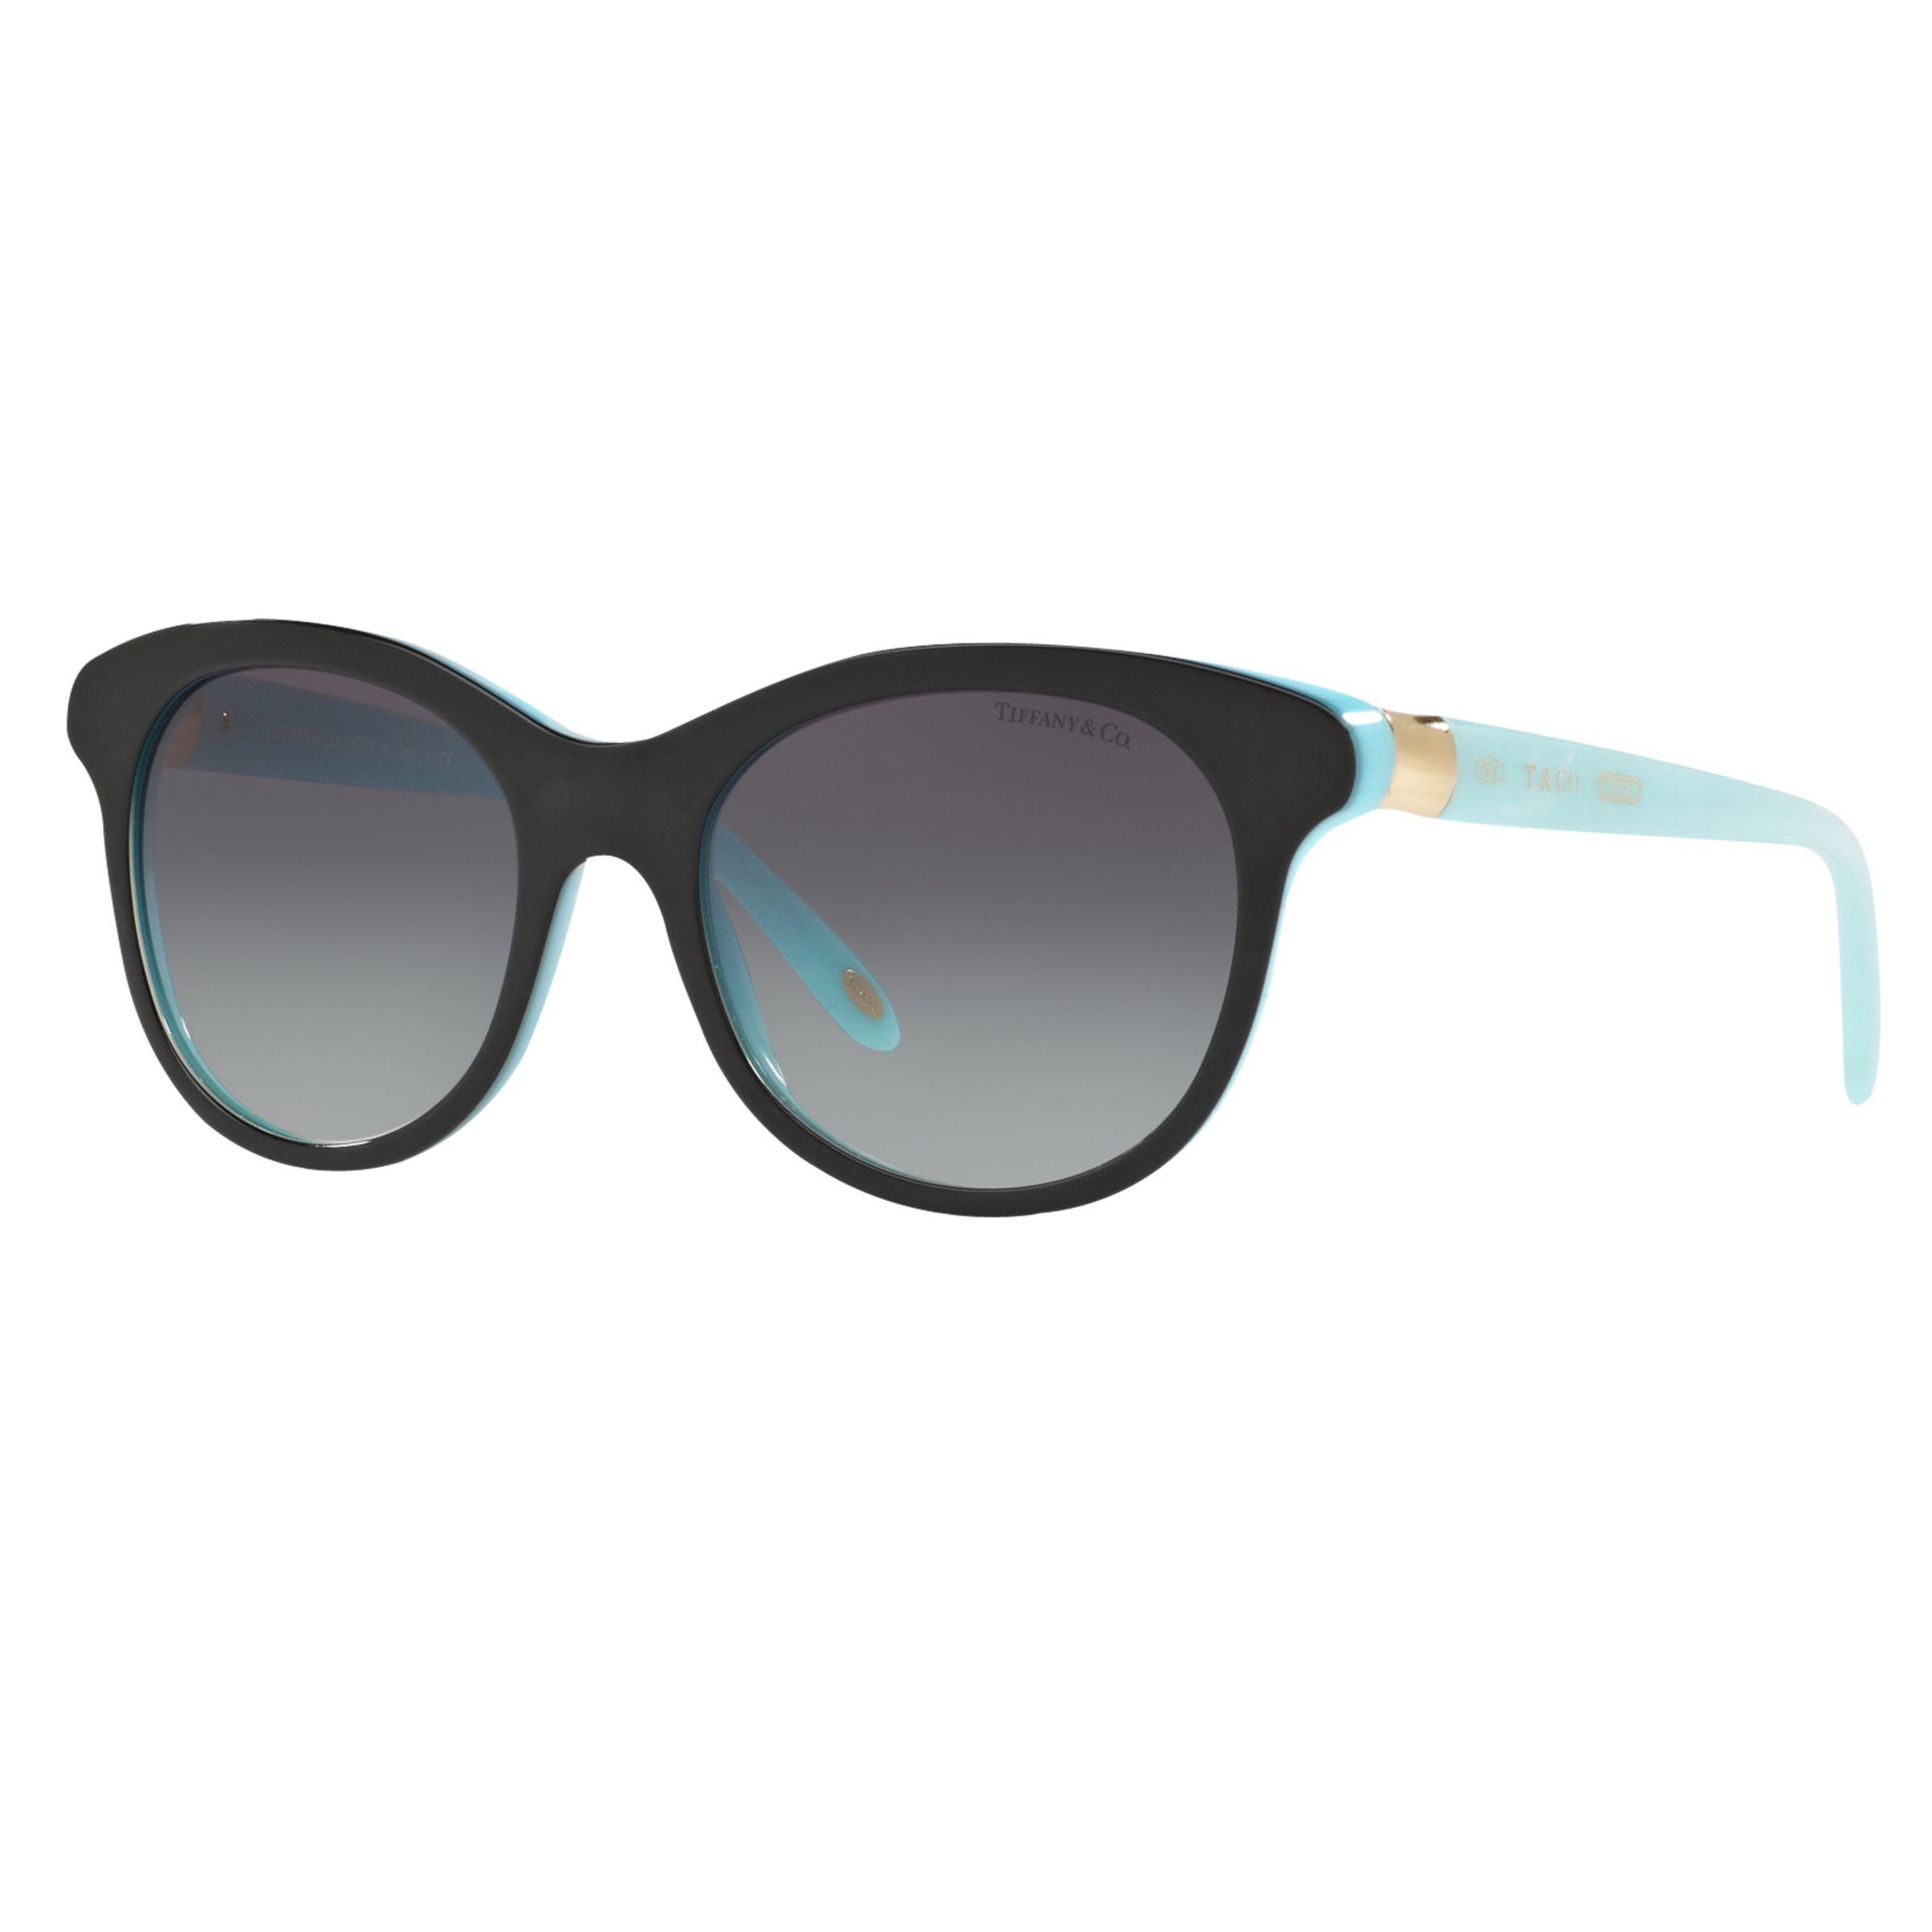 Tiffany & Co Tiffany & Co TF4125 Oval Sunglasses, Black/Sky Blue